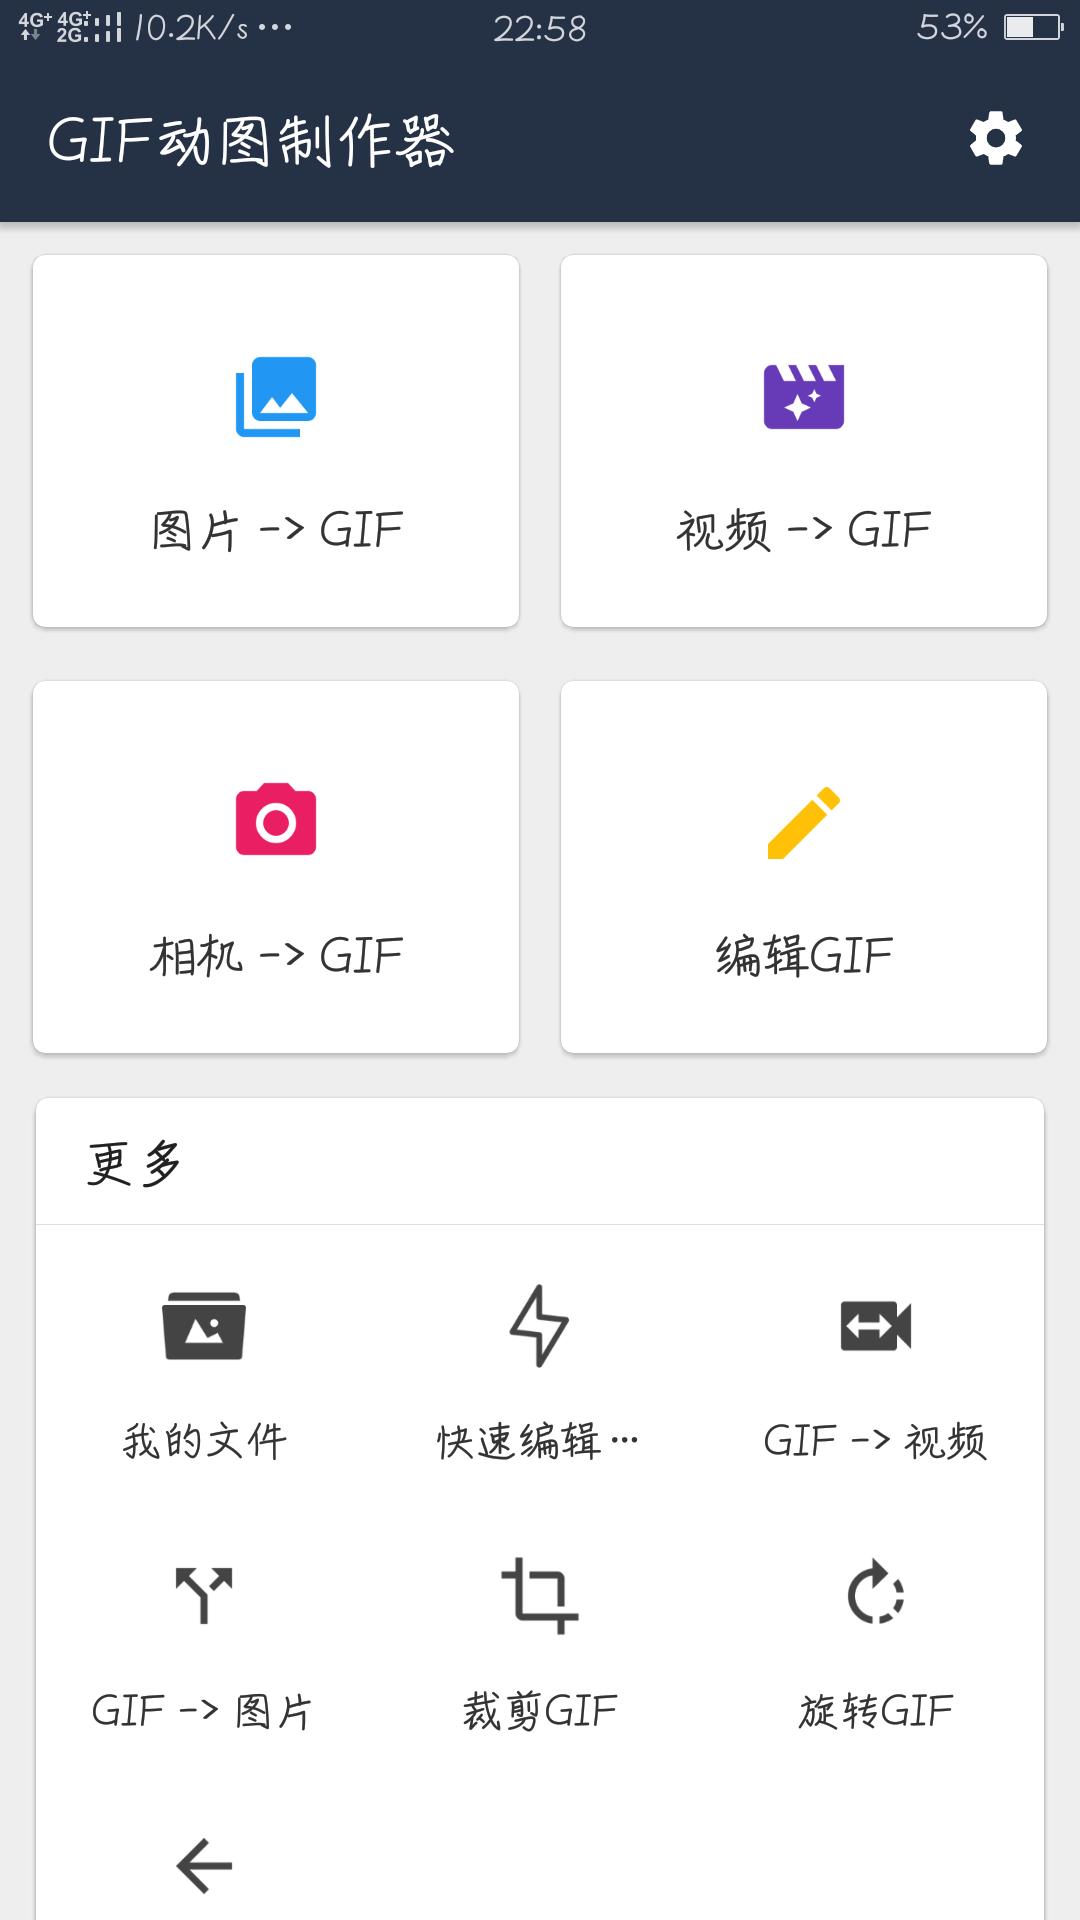 【分享】GIF动图制作器 1.0.5